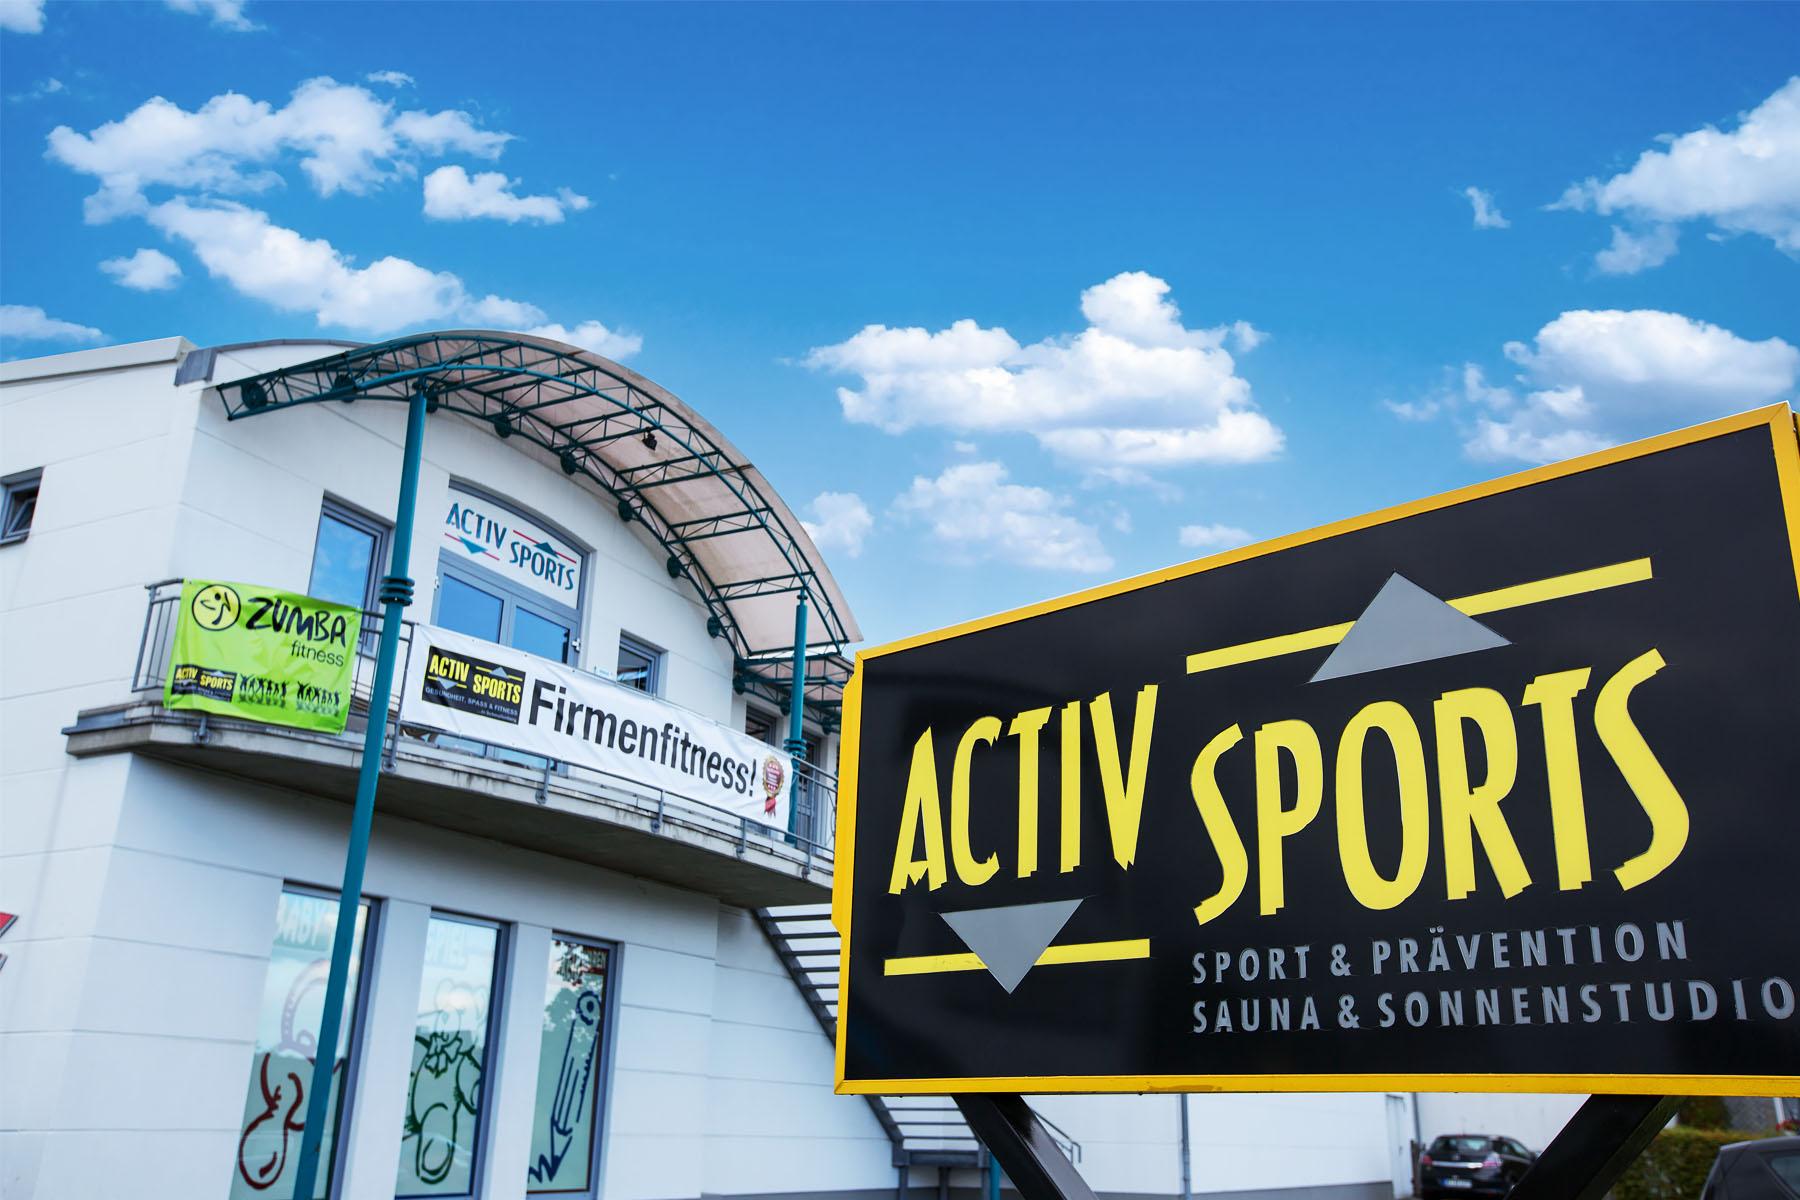 activ sports ihr fitness und gesundheitsstudio in. Black Bedroom Furniture Sets. Home Design Ideas